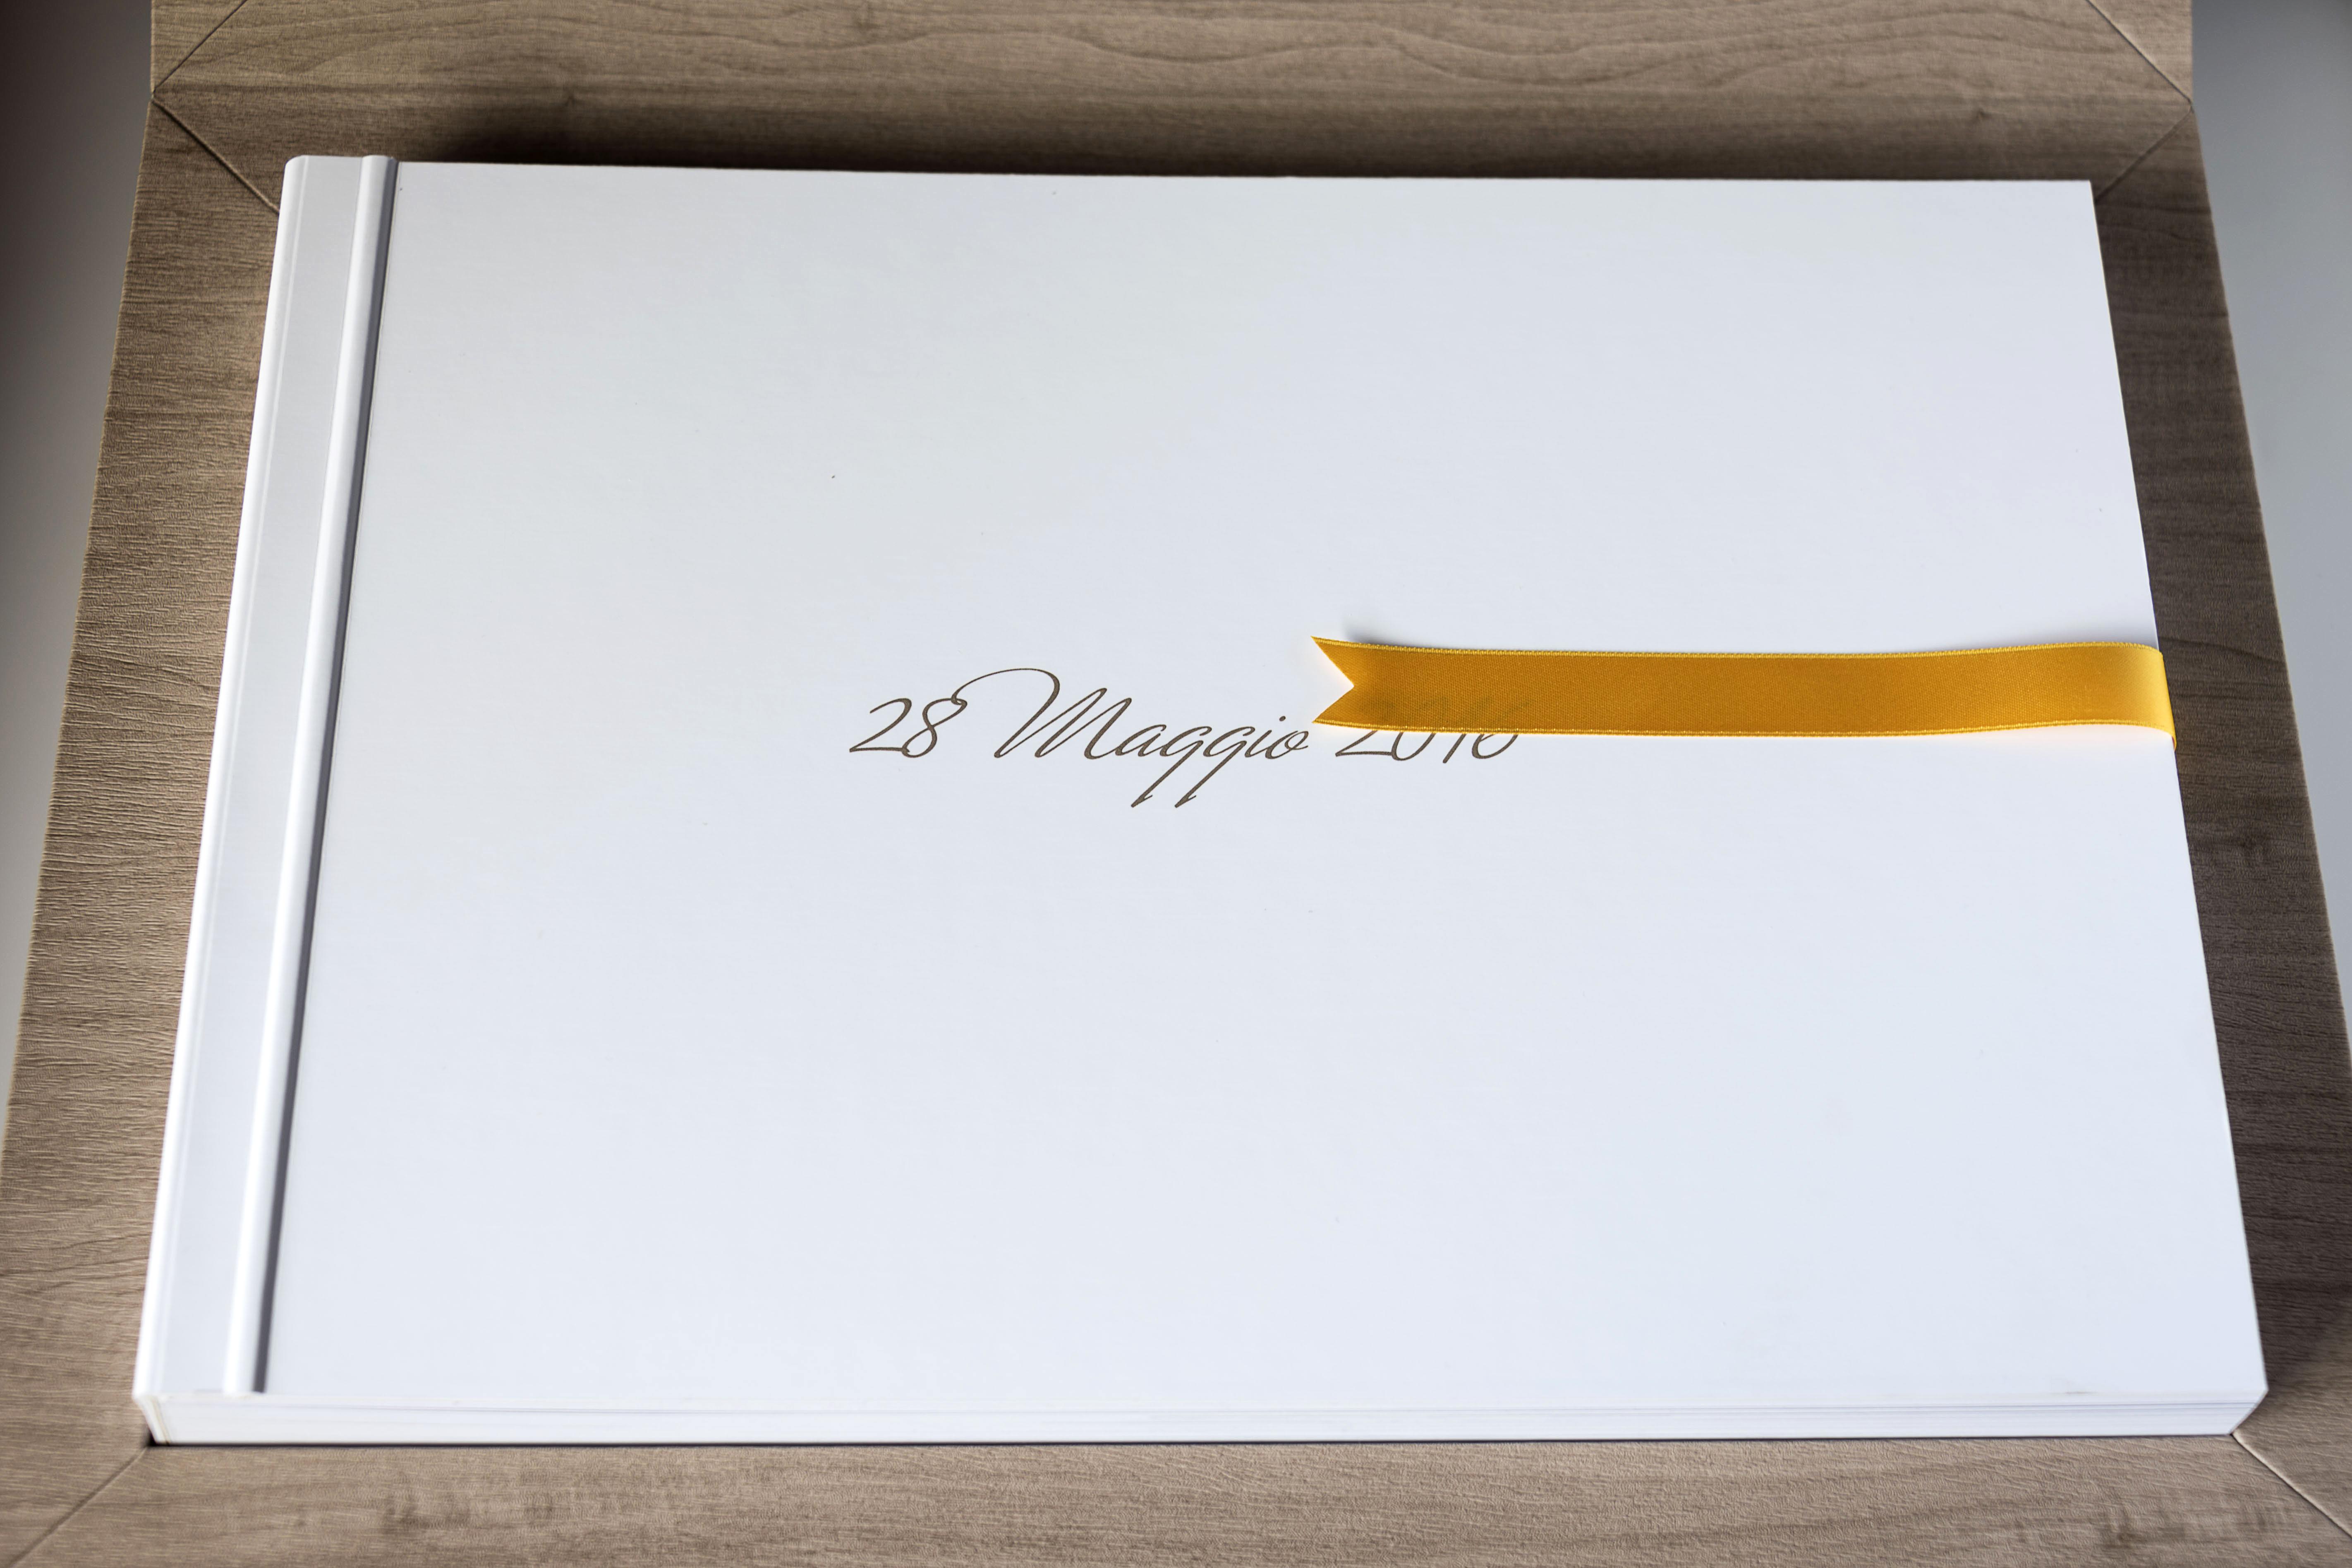 Album di matrimonio - fotografo di matrimonio a Morbegno, Sondrio, Milano, Lago di Como e Swizzera